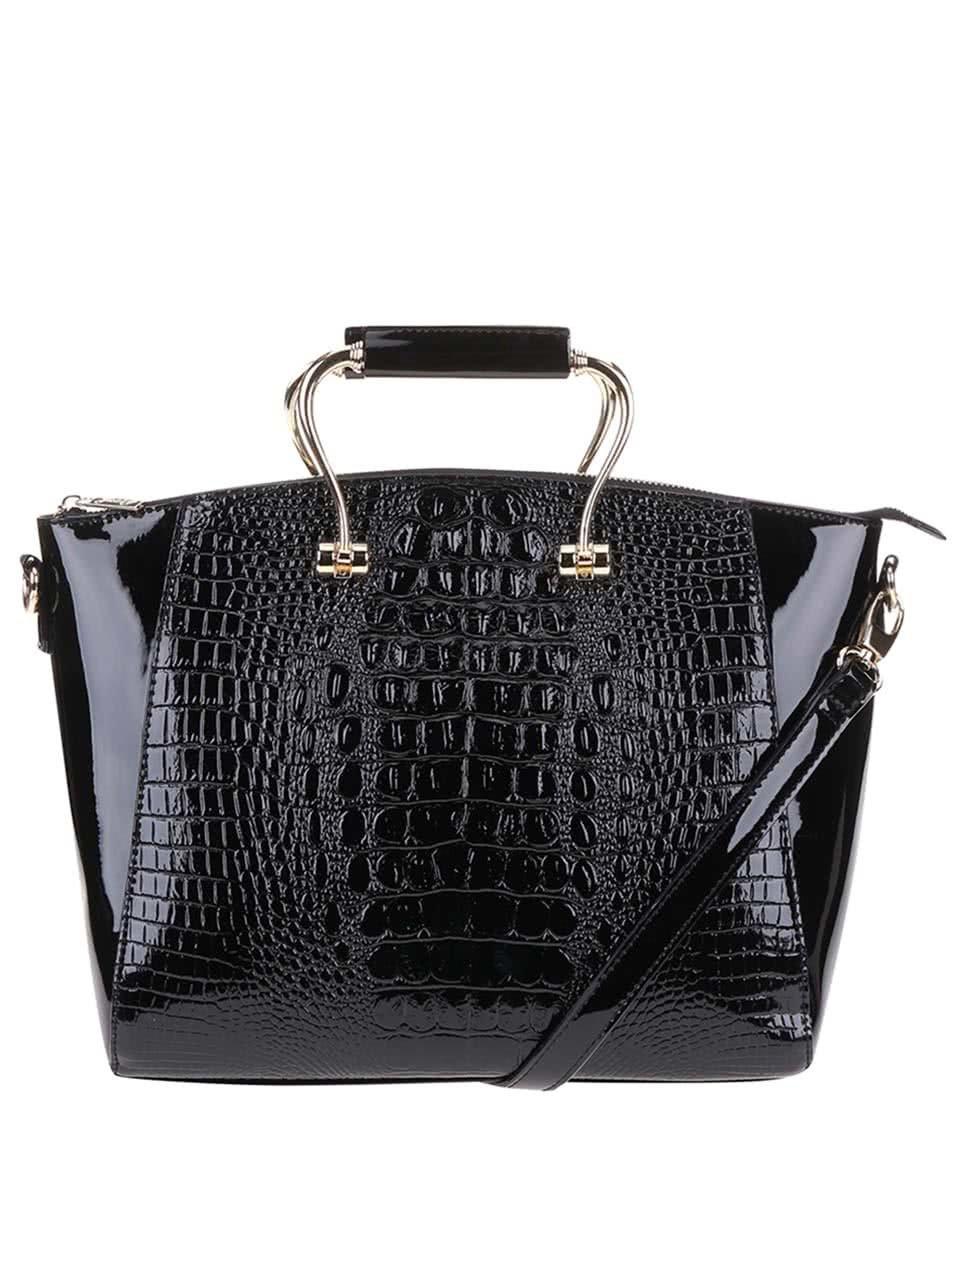 Čierna lakovaná väčšia kabelka s detailmi v zlatej farbe Gessy ... 6d0d0d7e5dd